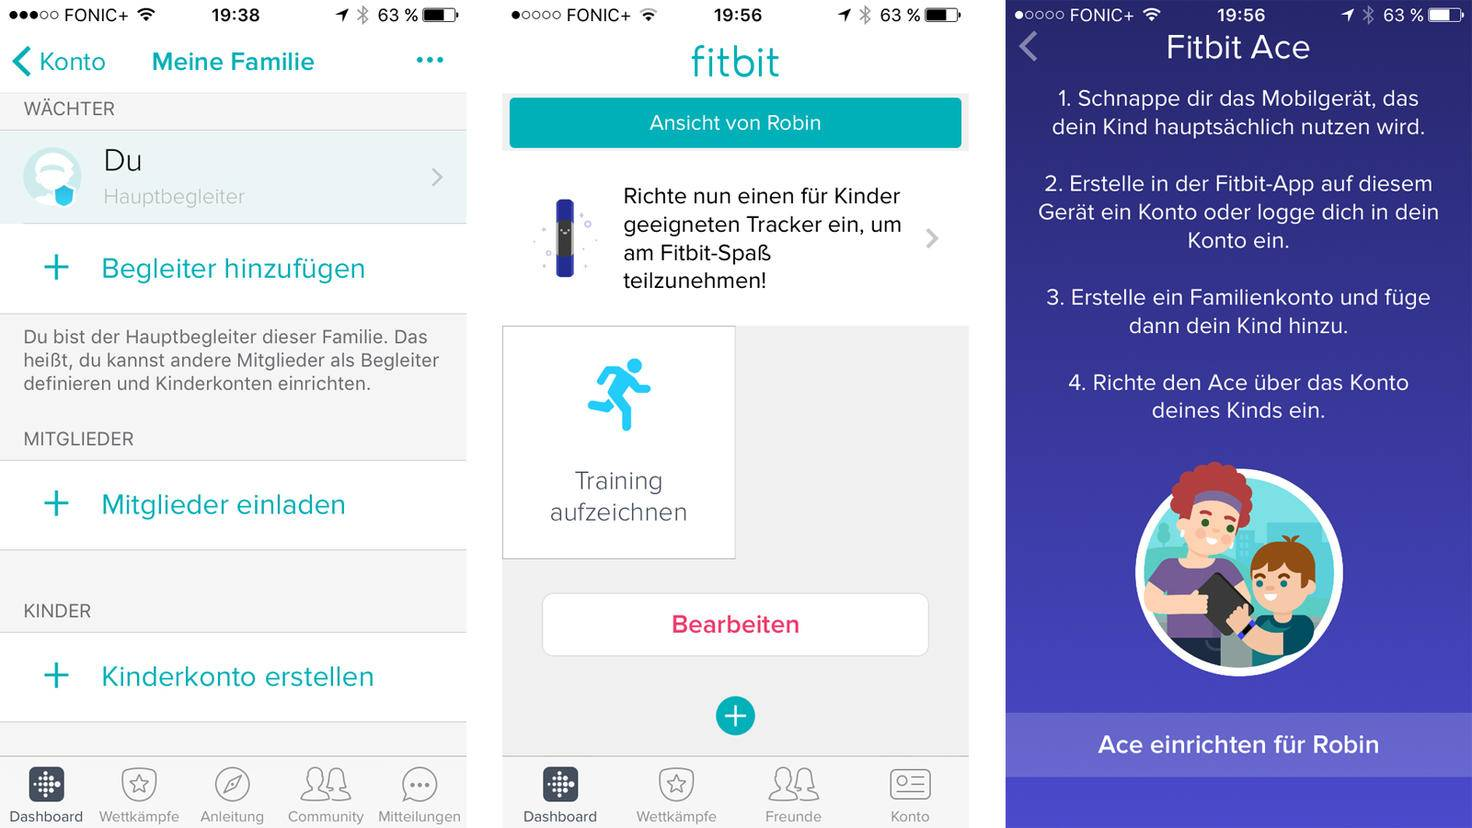 Hast Du Dein eigenes Fitbit-Konto eingerichtet, kannst Du mit dem Familienkonto weitermachen.